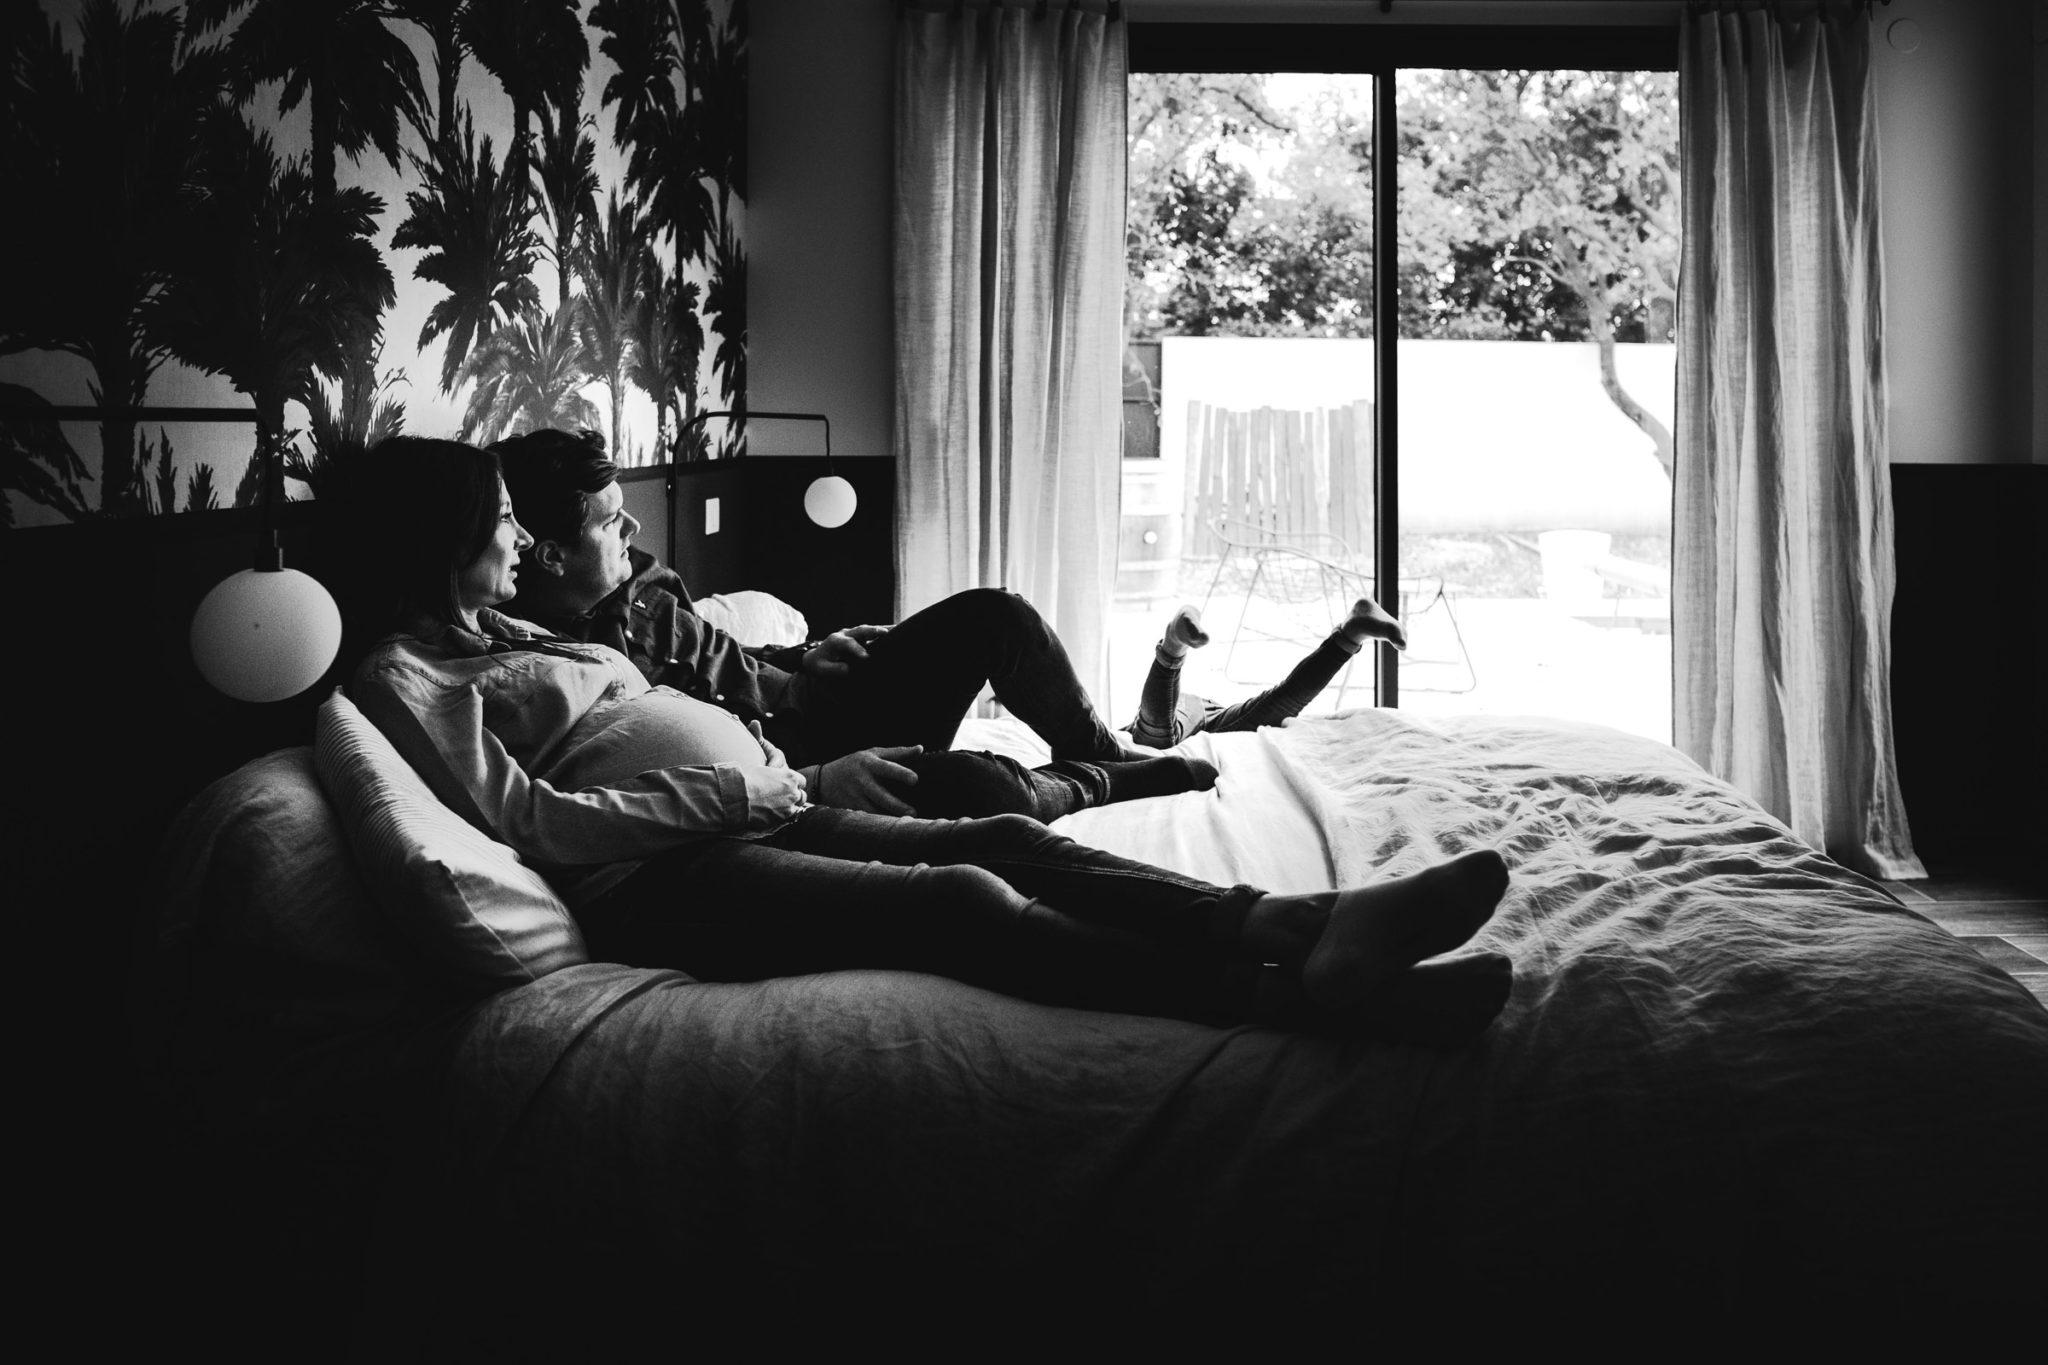 Jeune couple avec la maman enceinte alongé sur le lit, pendant que leur jeune enfant joue